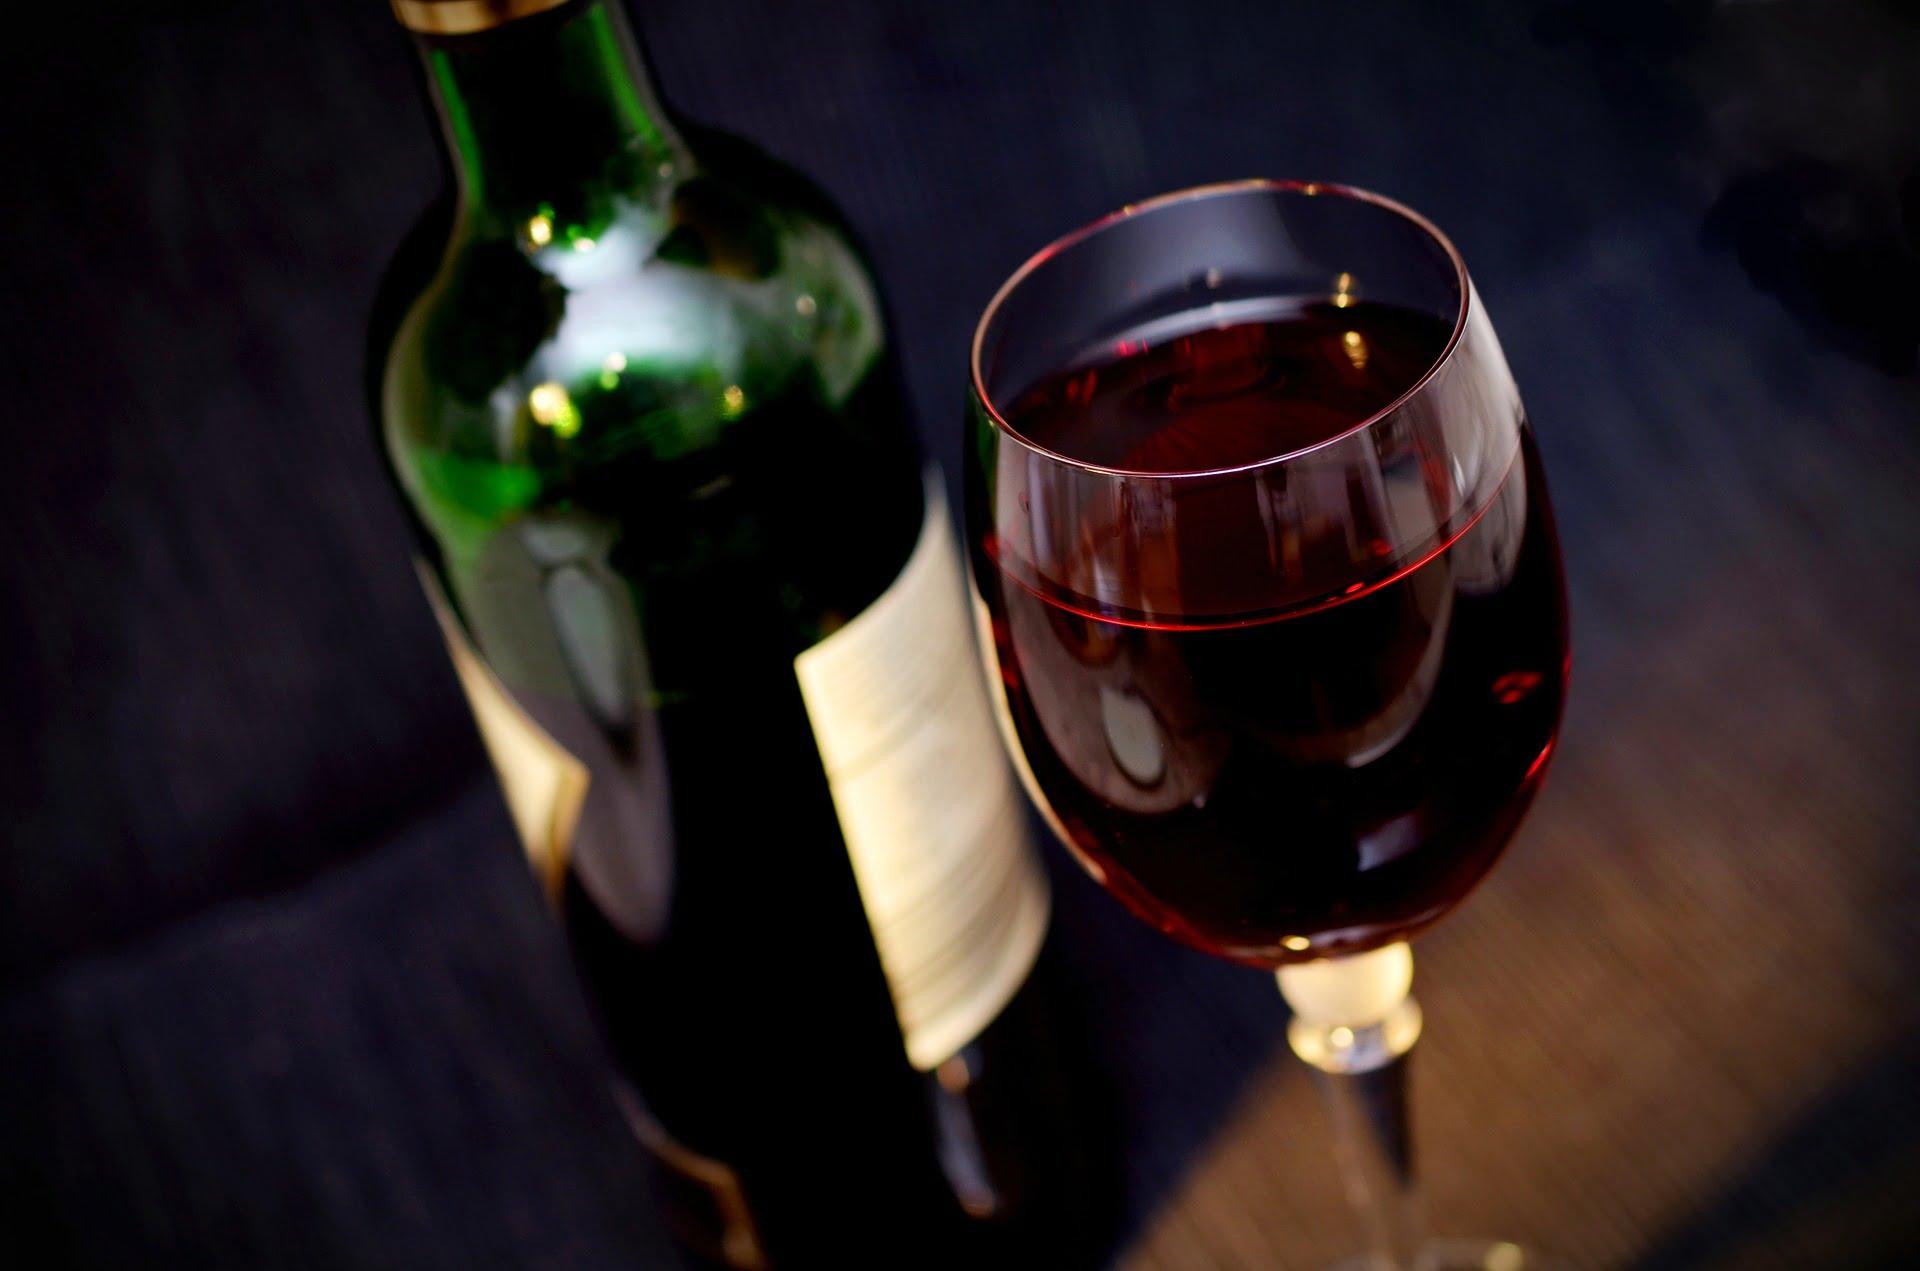 Peste un pahar de alcool pe zi inseamna un risc mai mare de a face cancer